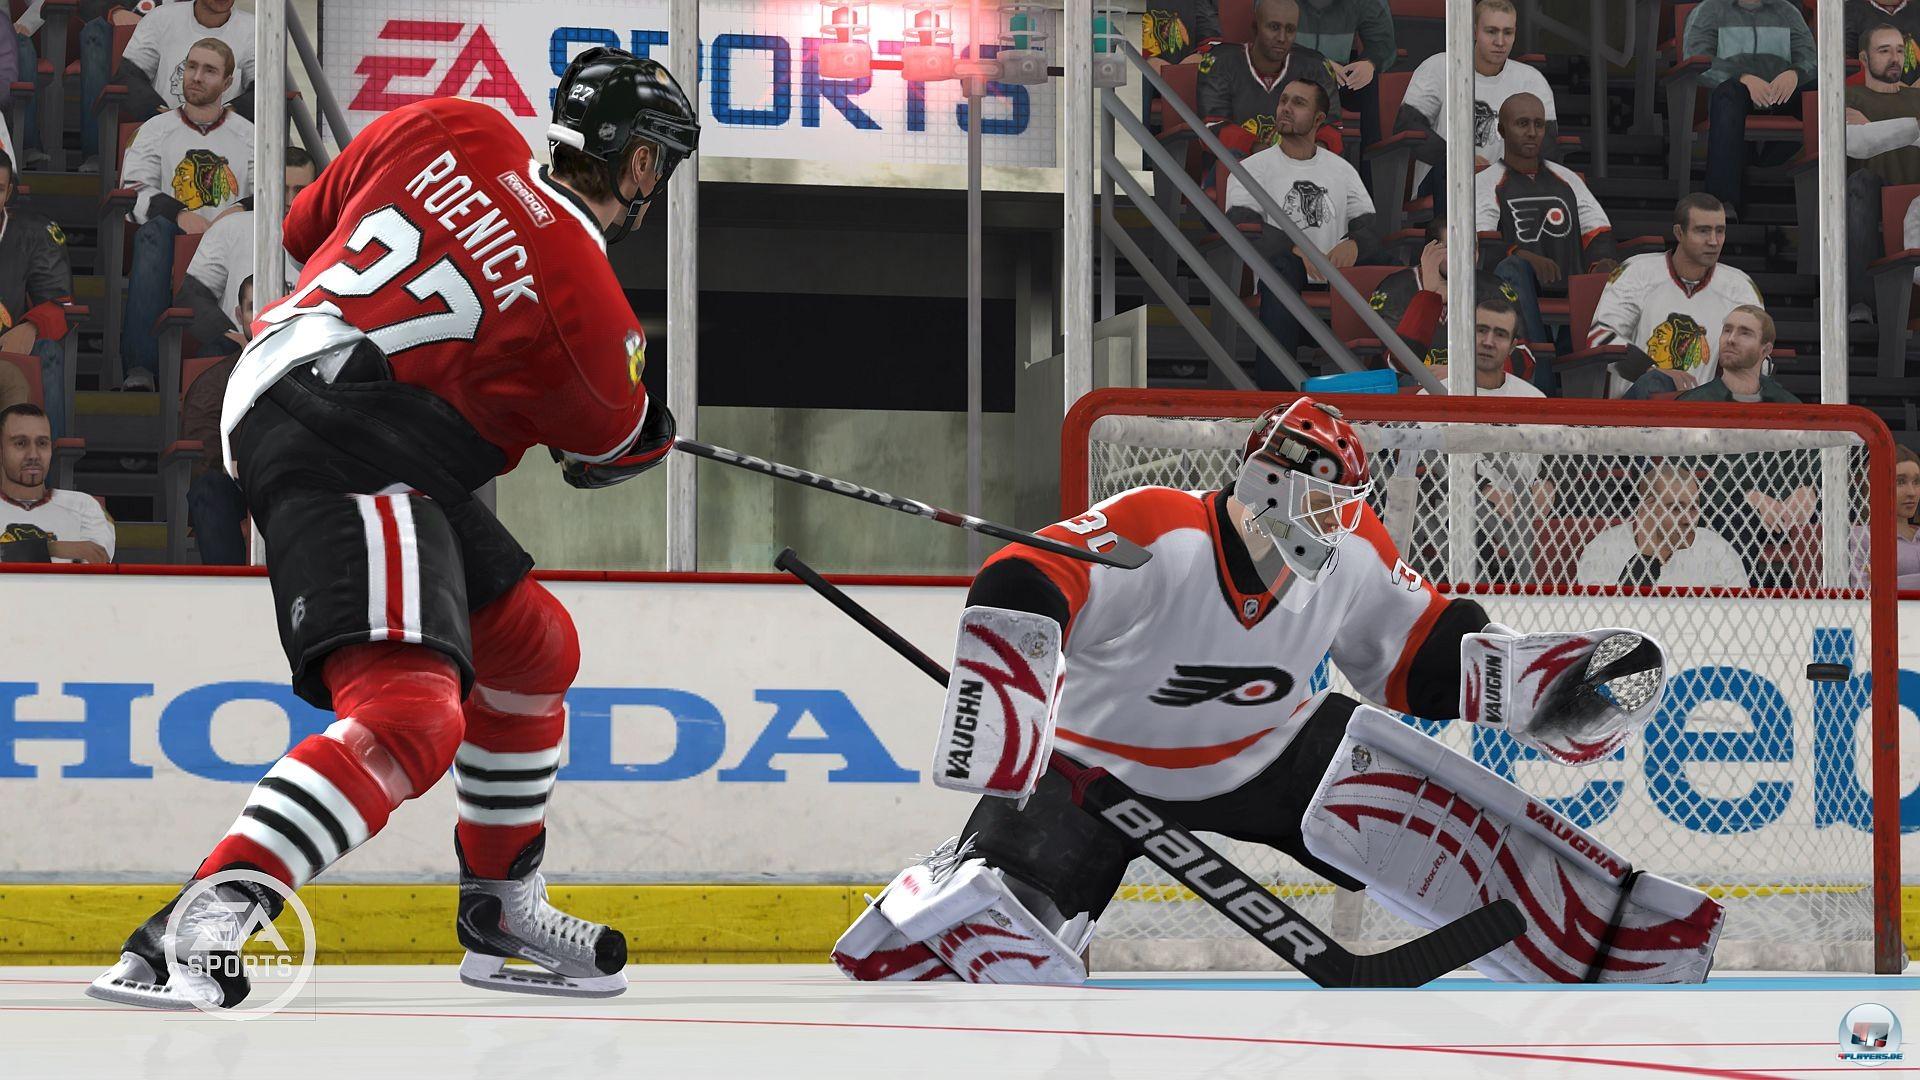 Vor dem Tor geht es etwas hektischer zu als in NHL 11 - mehr Abpraller, mehr Abdrängen, aber auch mehr Pfiffe wegen Fouls am Goalie.